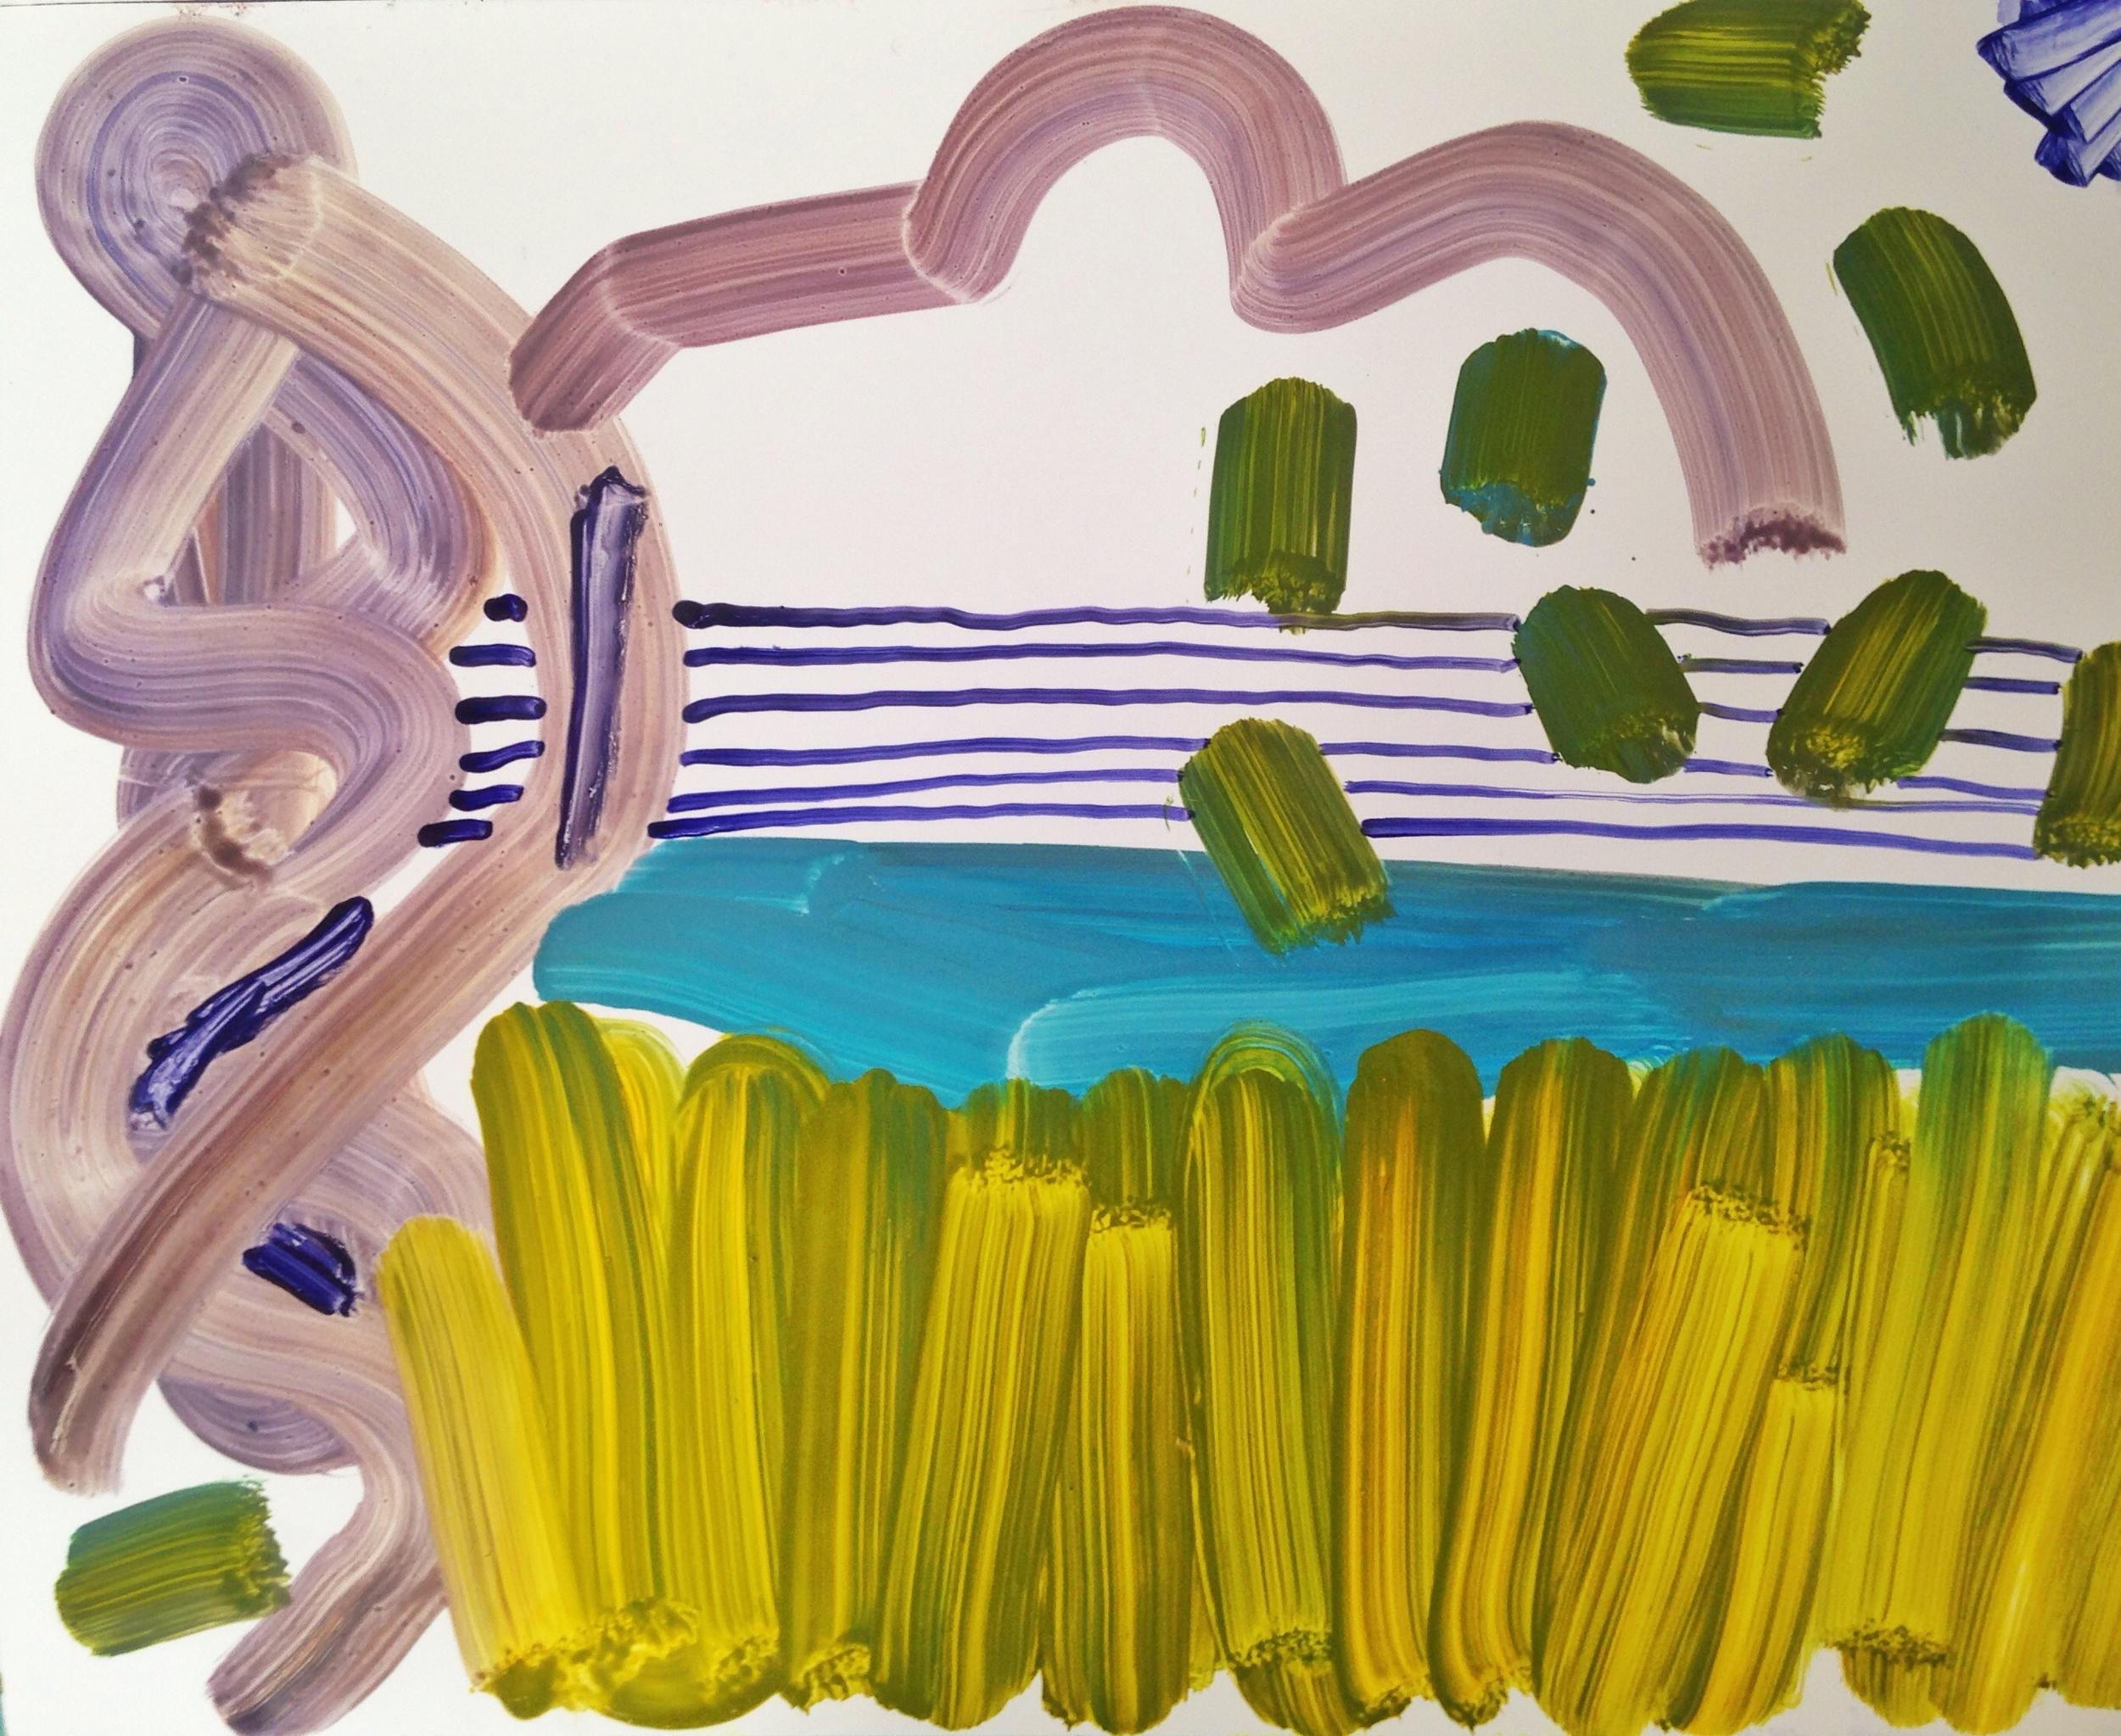 Caspian Sea, 2015, oil on paper, 11 x 14.